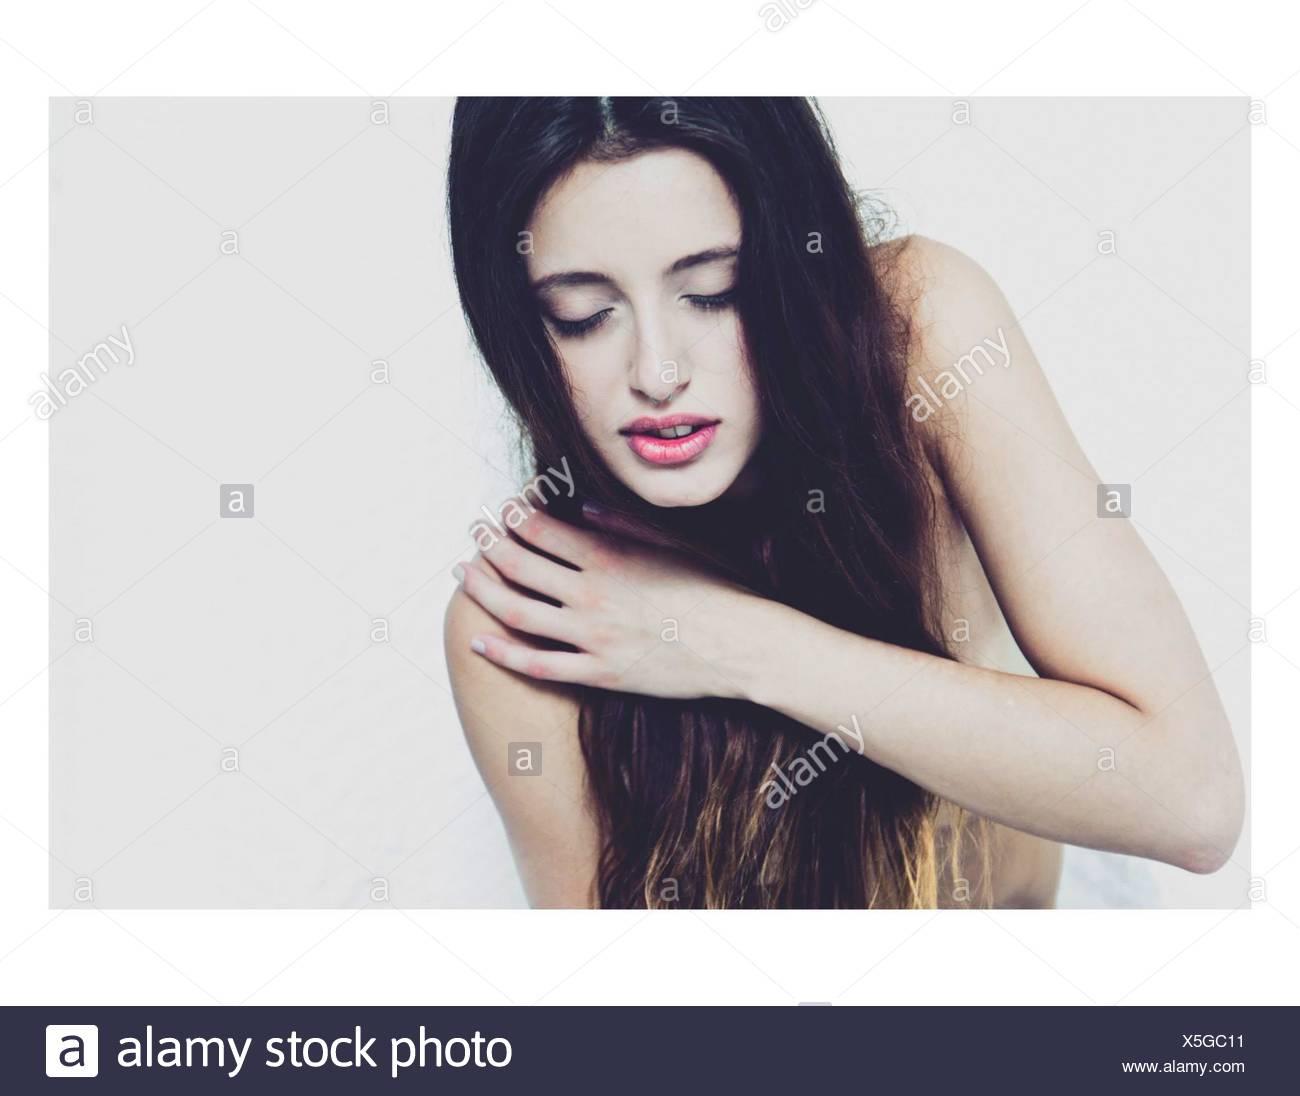 High Angle View Of schöne junge Frau mit verschränkten vor weißem Hintergrund Stockbild